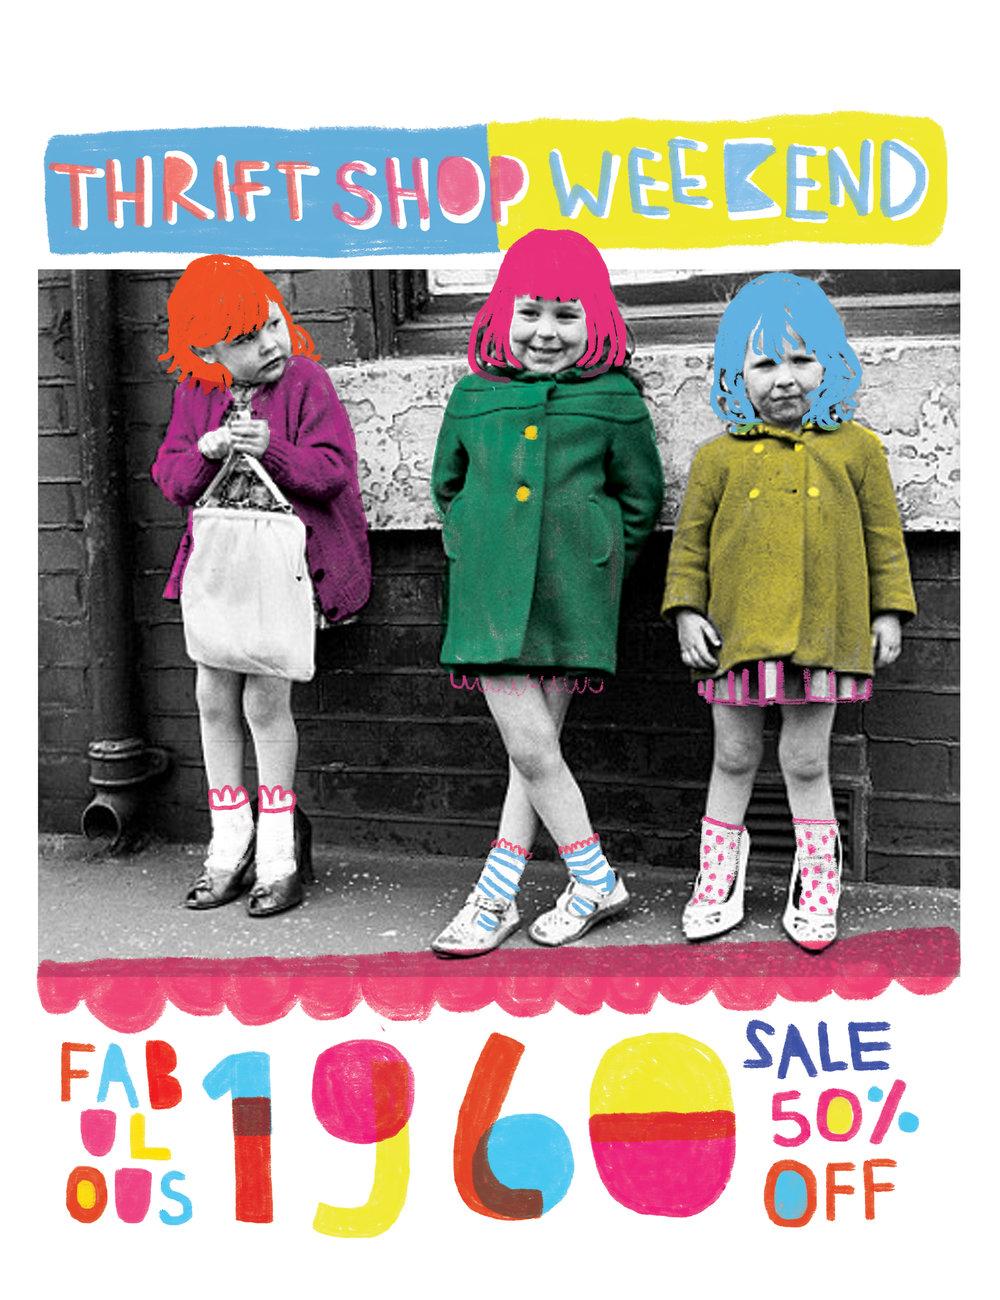 thriftshop.jpg